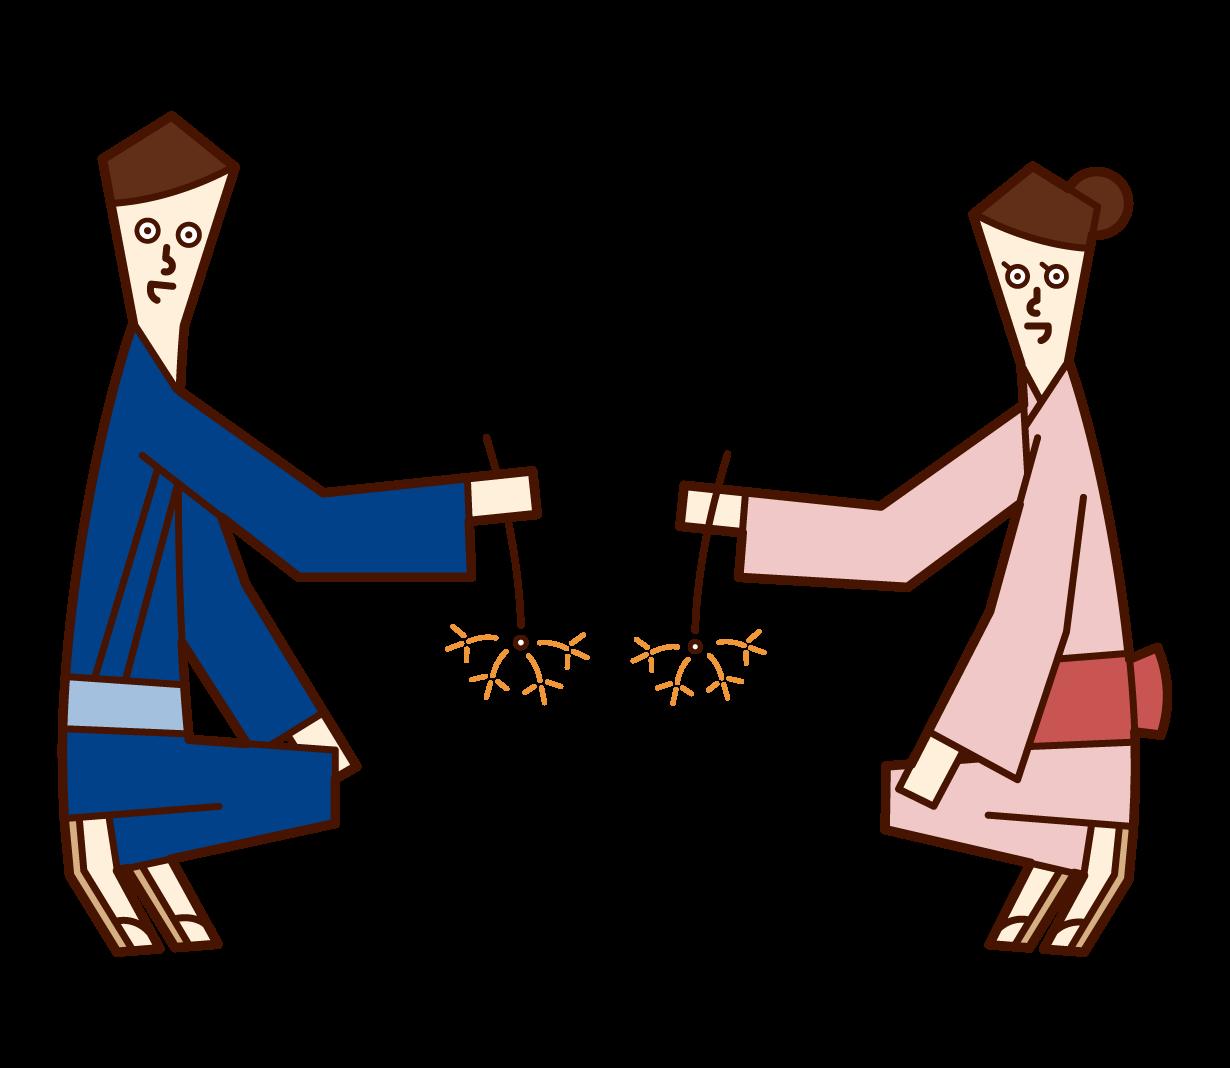 線香花火を楽しむ浴衣を着たカップルのイラスト